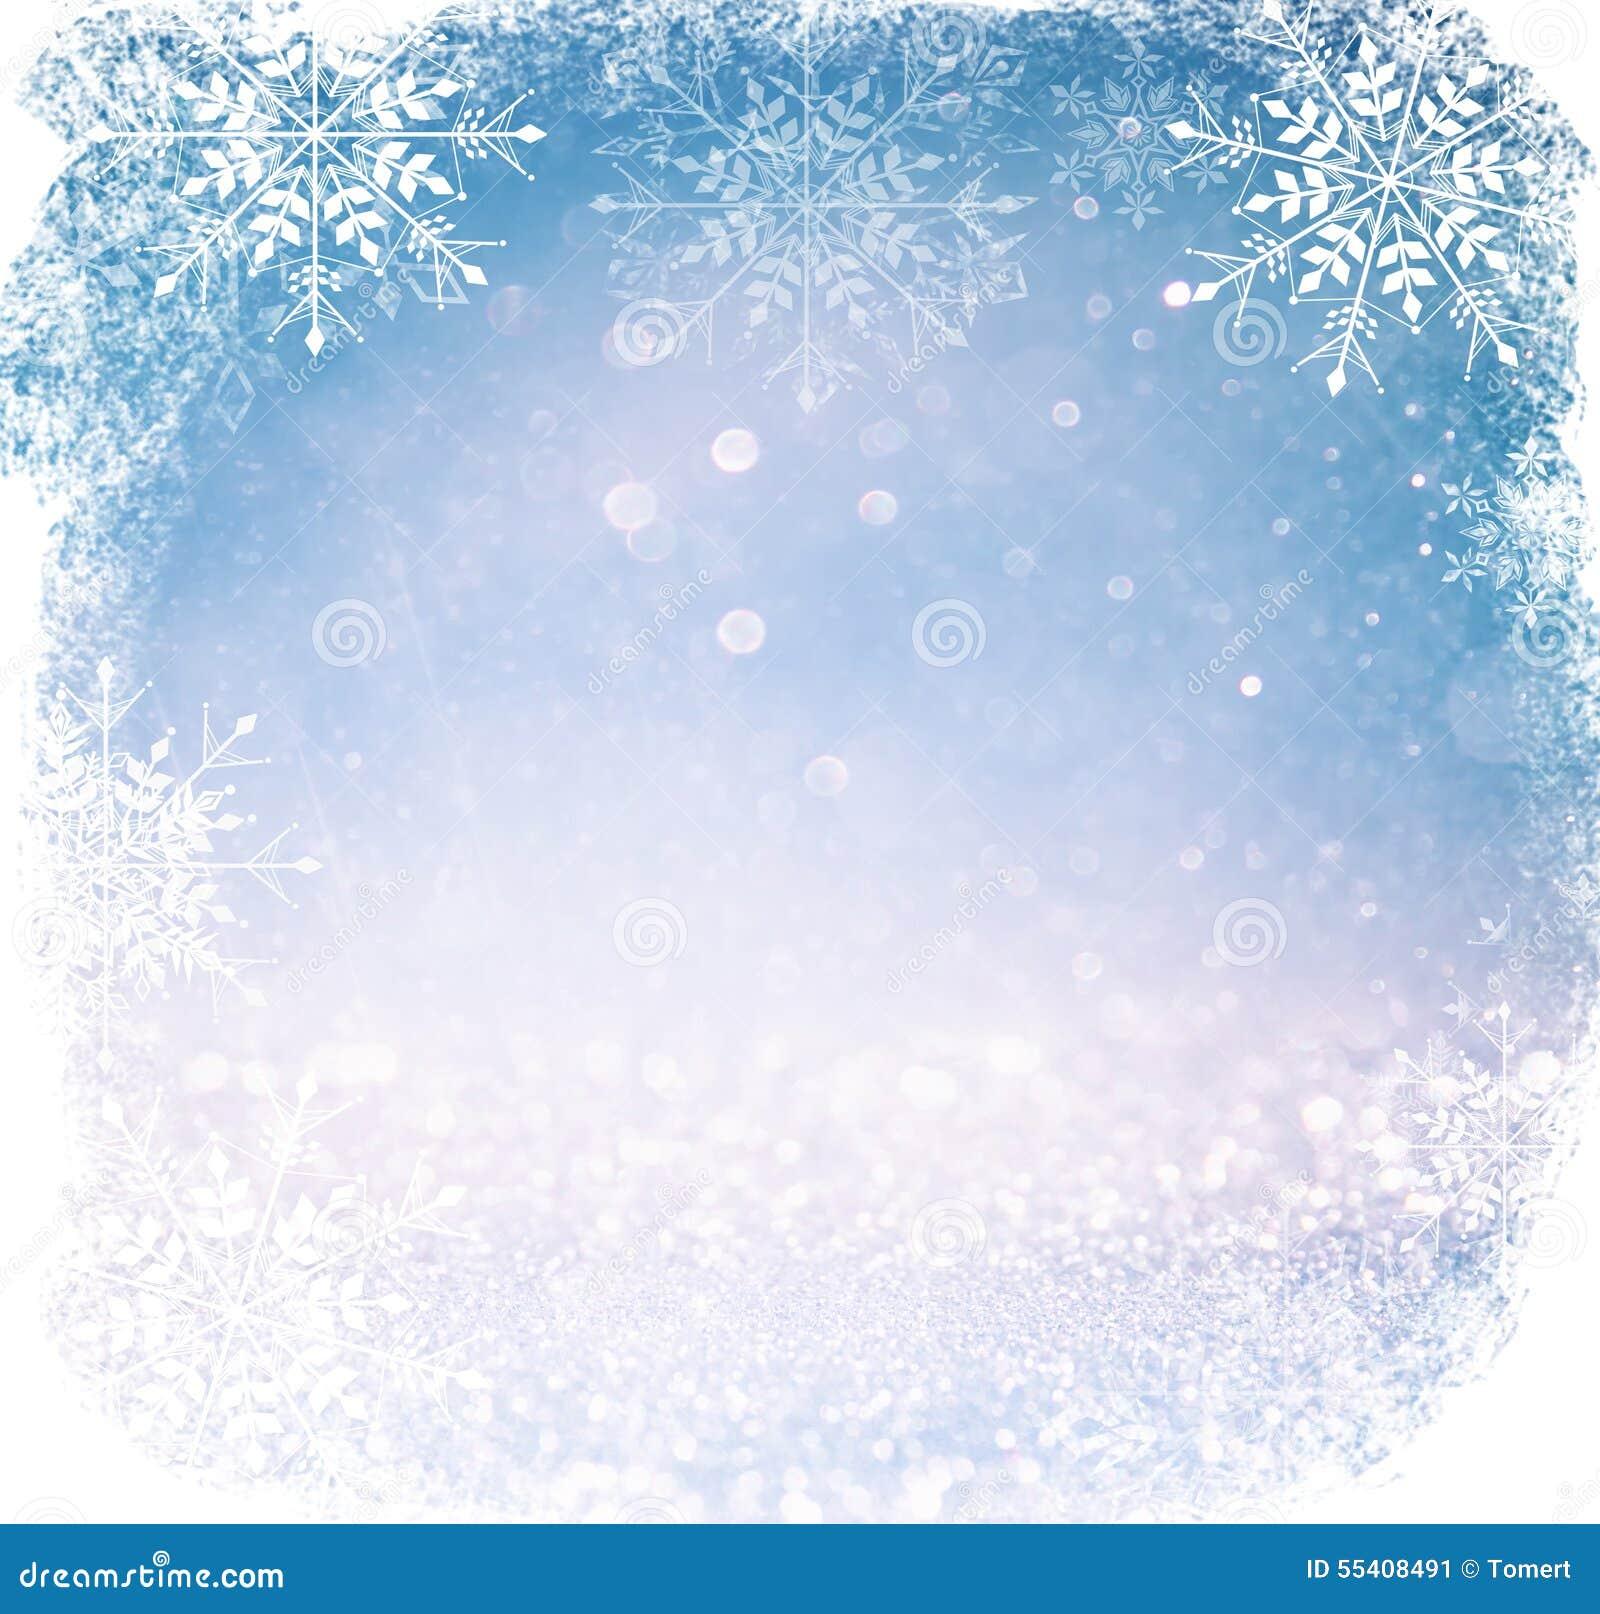 Lumières abstraites blanches et argentées de bokeh fond defocused avec le recouvrement de flocon de neige